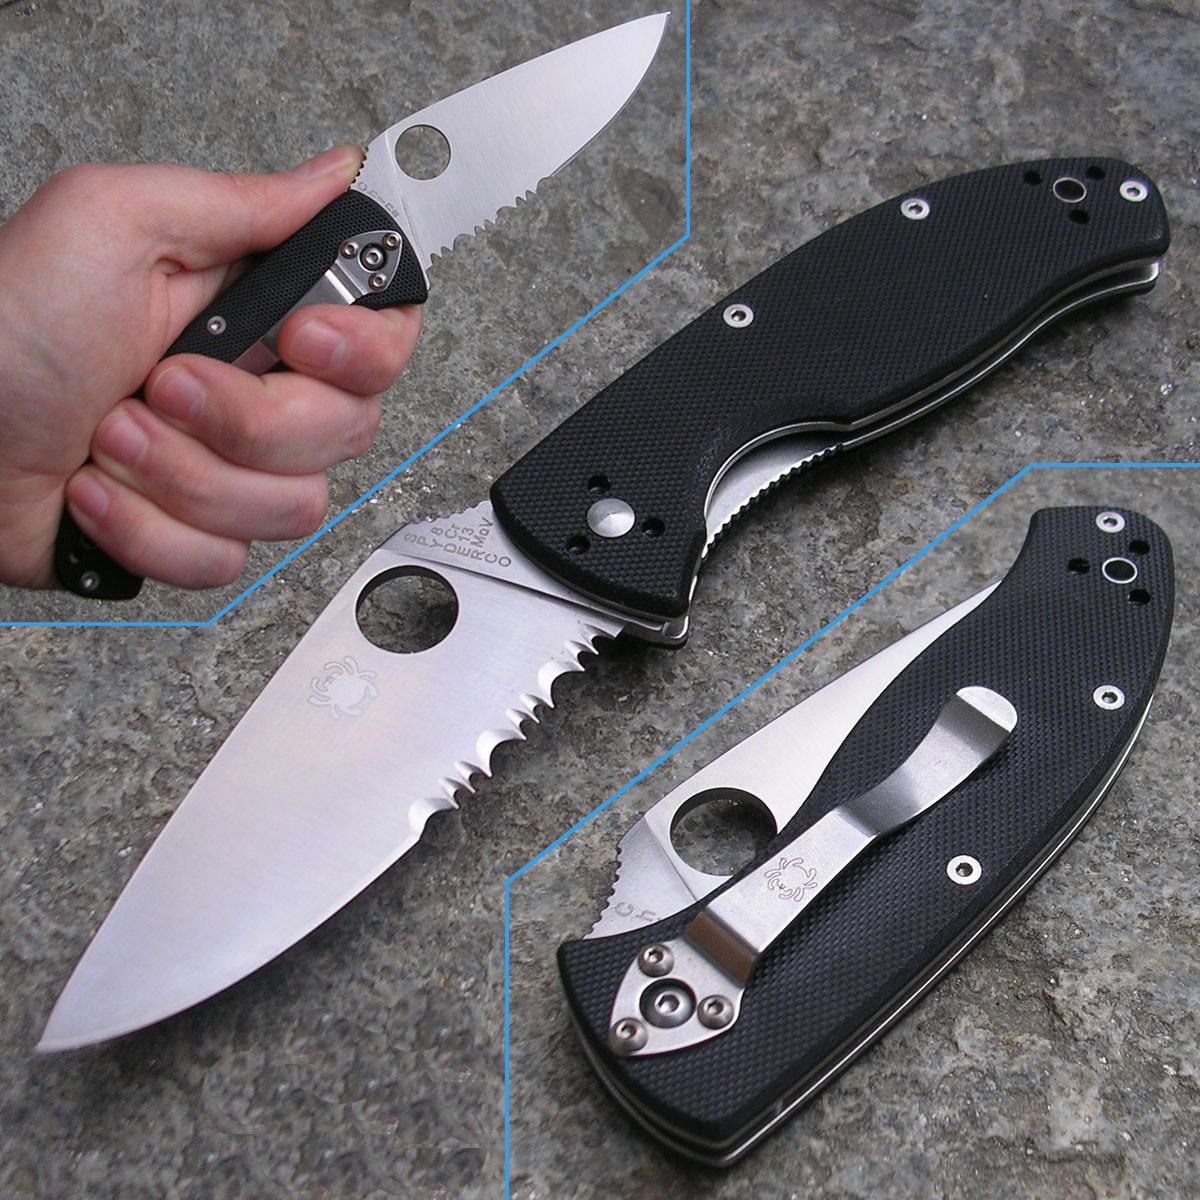 Фото 6 - Нож складной Tenacious Spyderco 122GPS, сталь 8Cr13MOV Satin Combo, рукоять стеклотекстолит G-10, чёрный